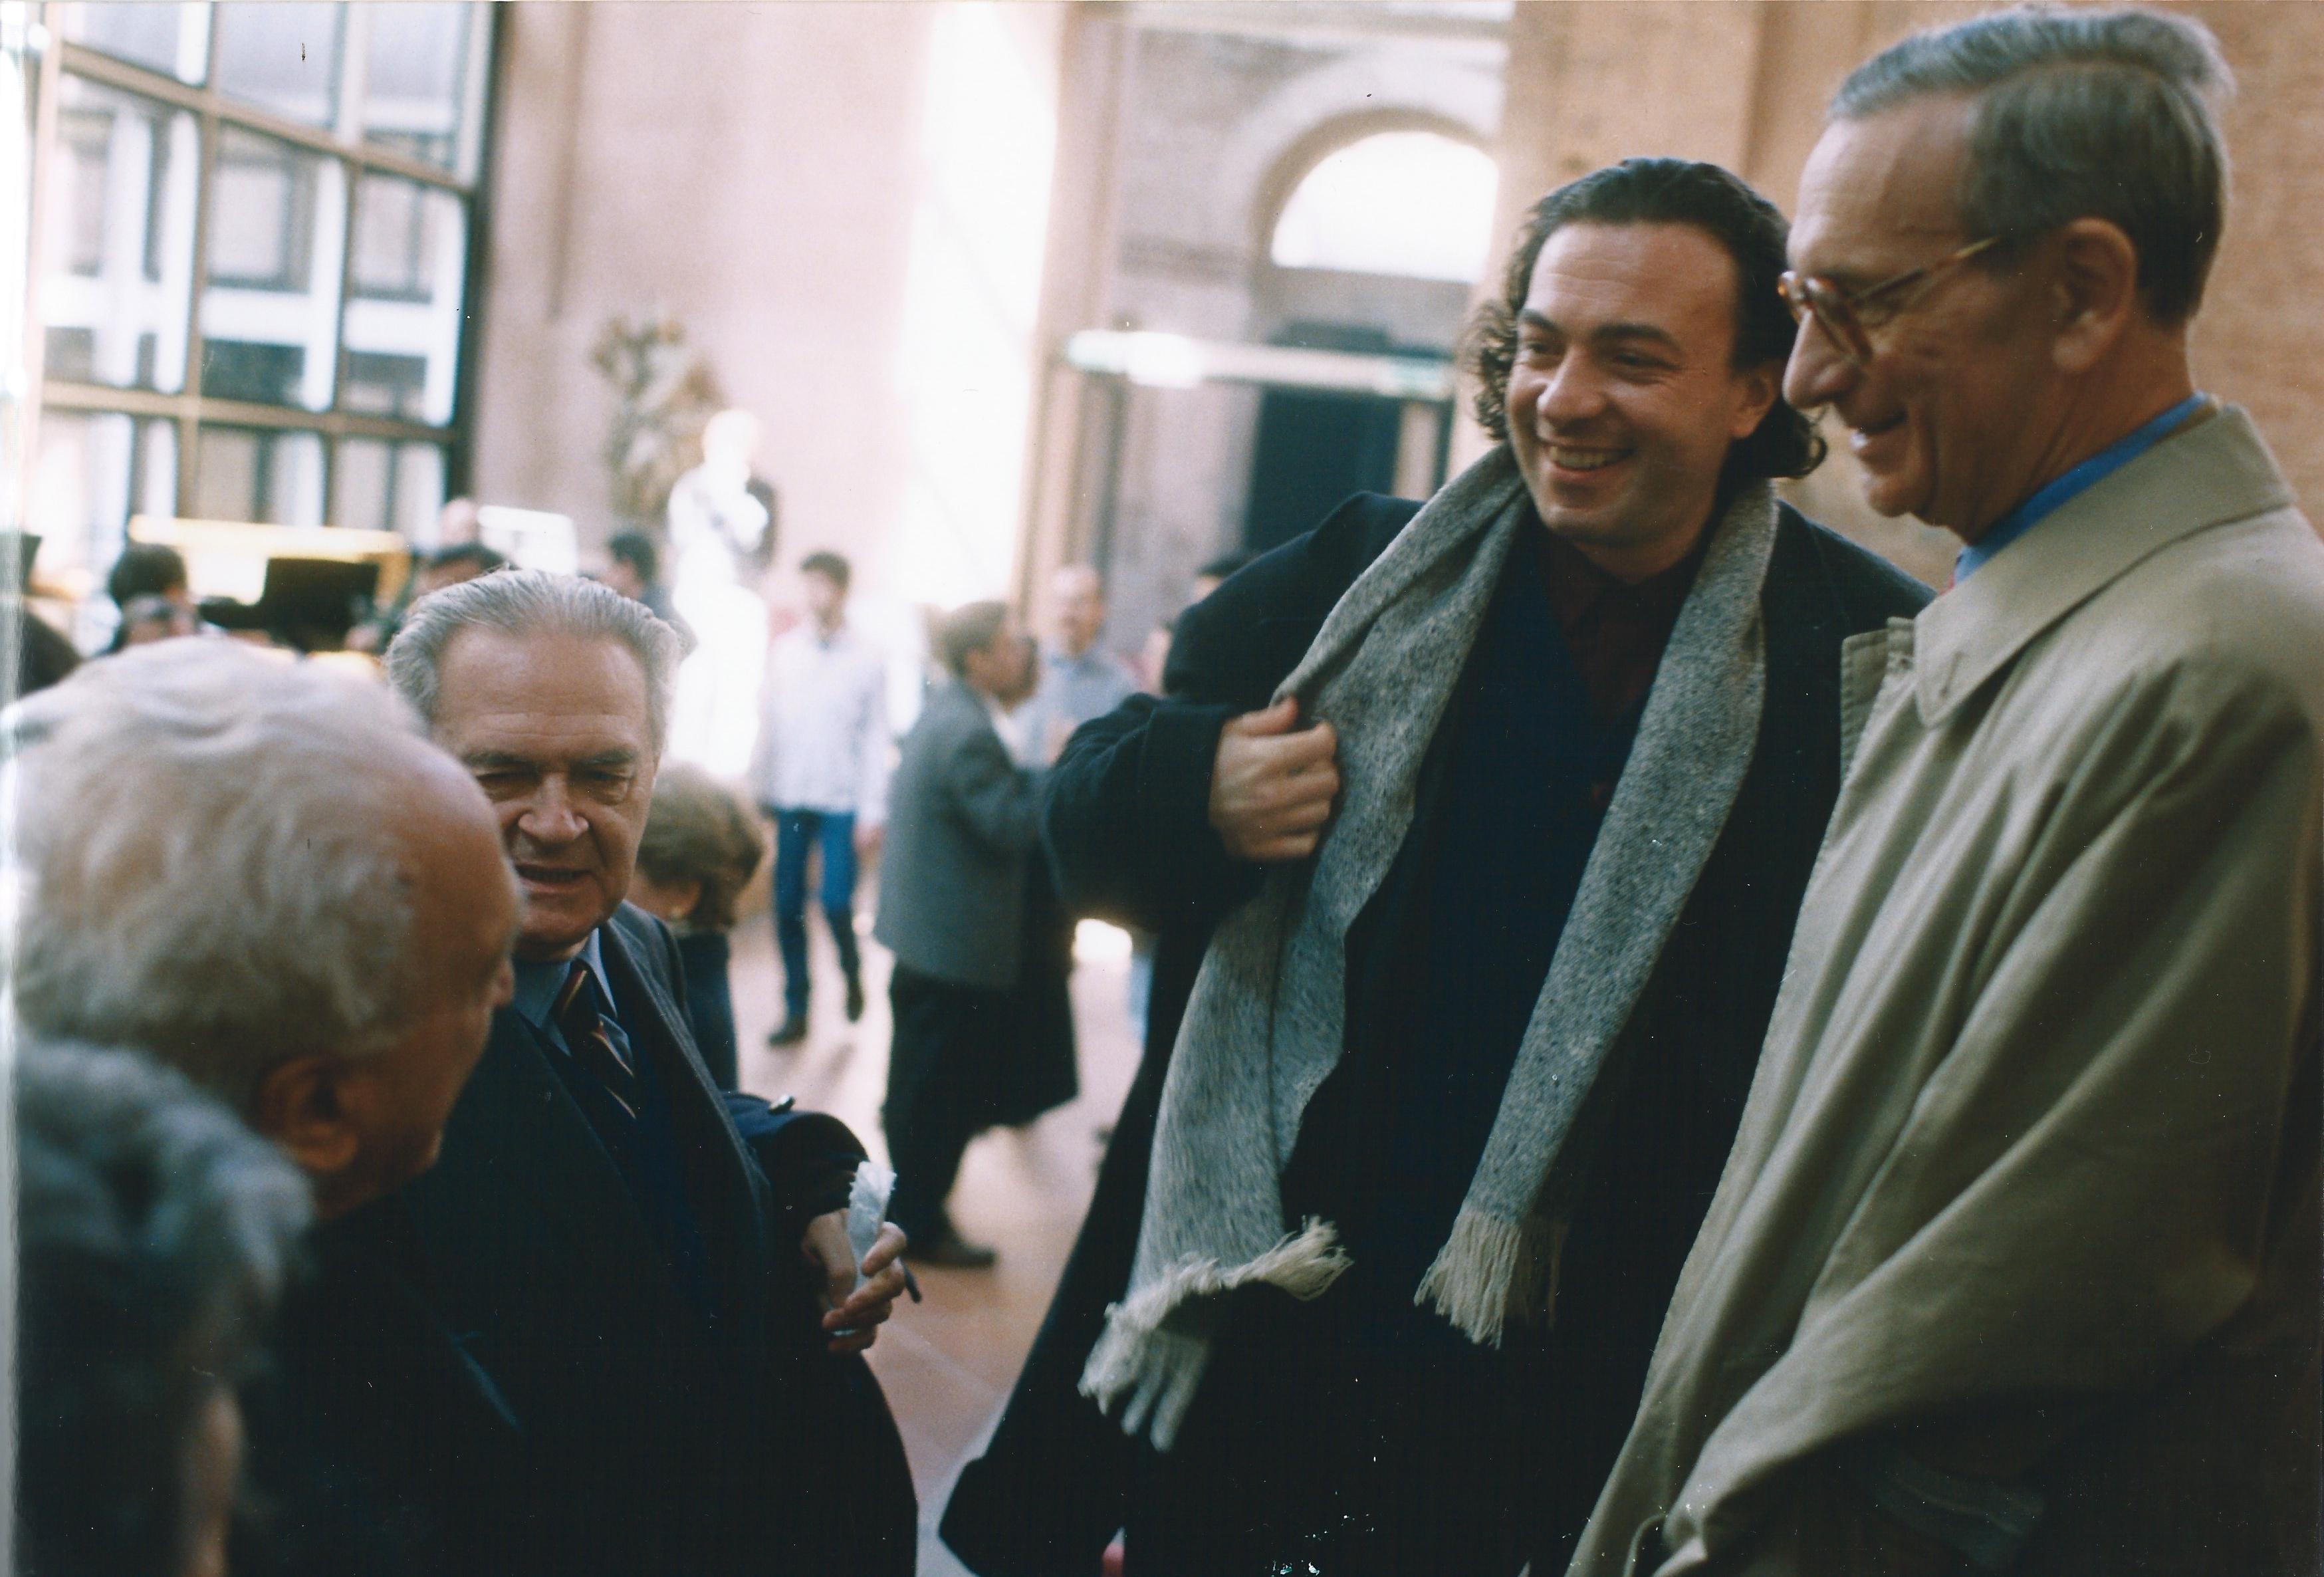 ALBERTO CAPRIOLI, FIORI D'OMBRA, PER ARCHI. ORCHESTRA DEL TEATRO COMUNALE DI BOLOGNA, DIR. ROBERTO POLASTRI. BOLOGNA, AULA ABSIDALE DI SANTA LUCIA, 4 APRILE 2001. A DESTRA: PIERO POZZATI, TITO GOTTI, ALBERTO CAPRIOLI, EZIO RAIMONDI. FOTO PRIMO GNANI